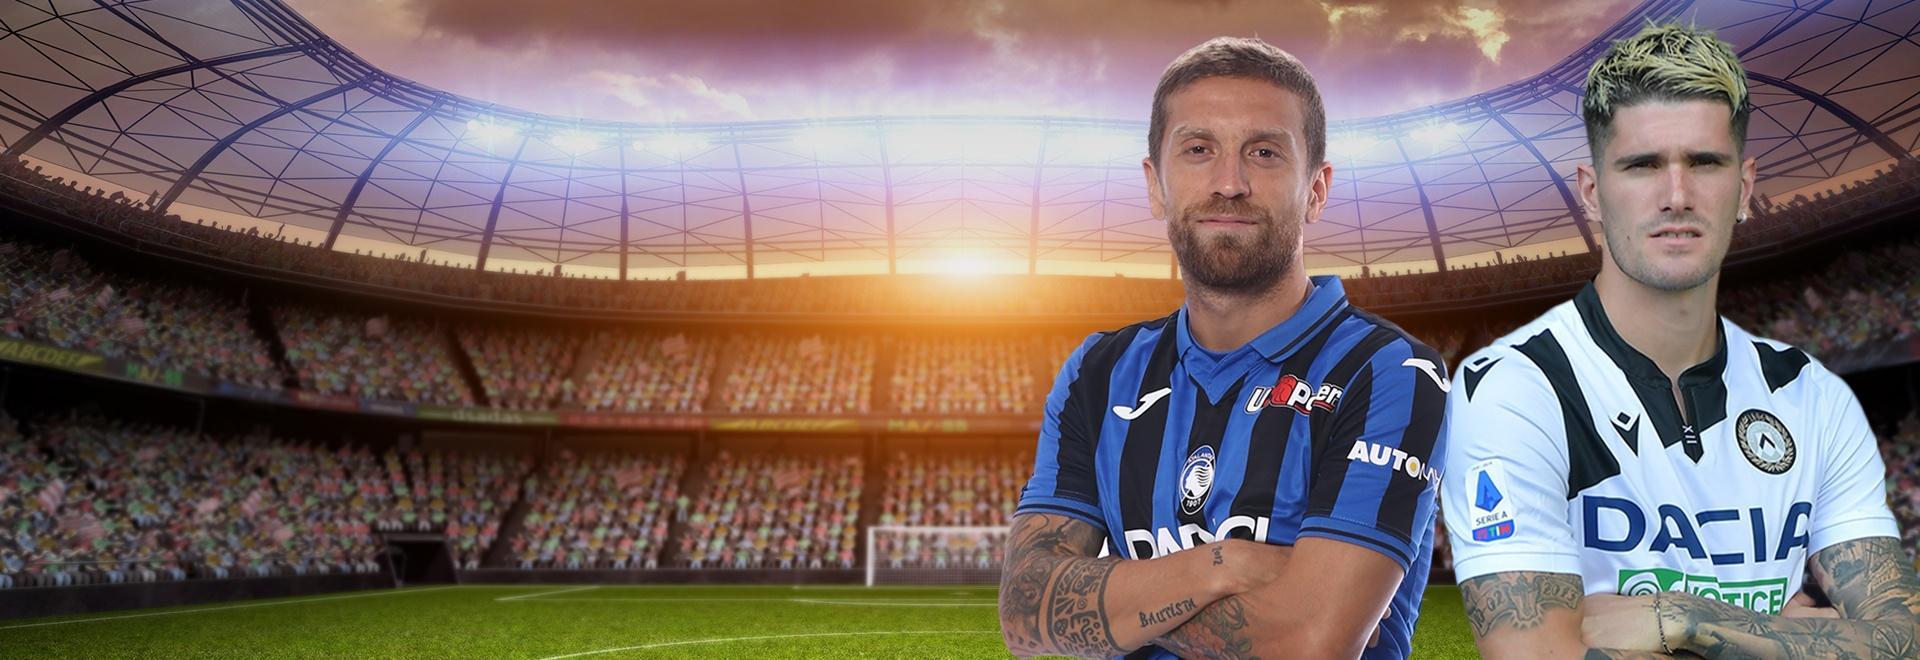 Atalanta - Udinese. 9a g.